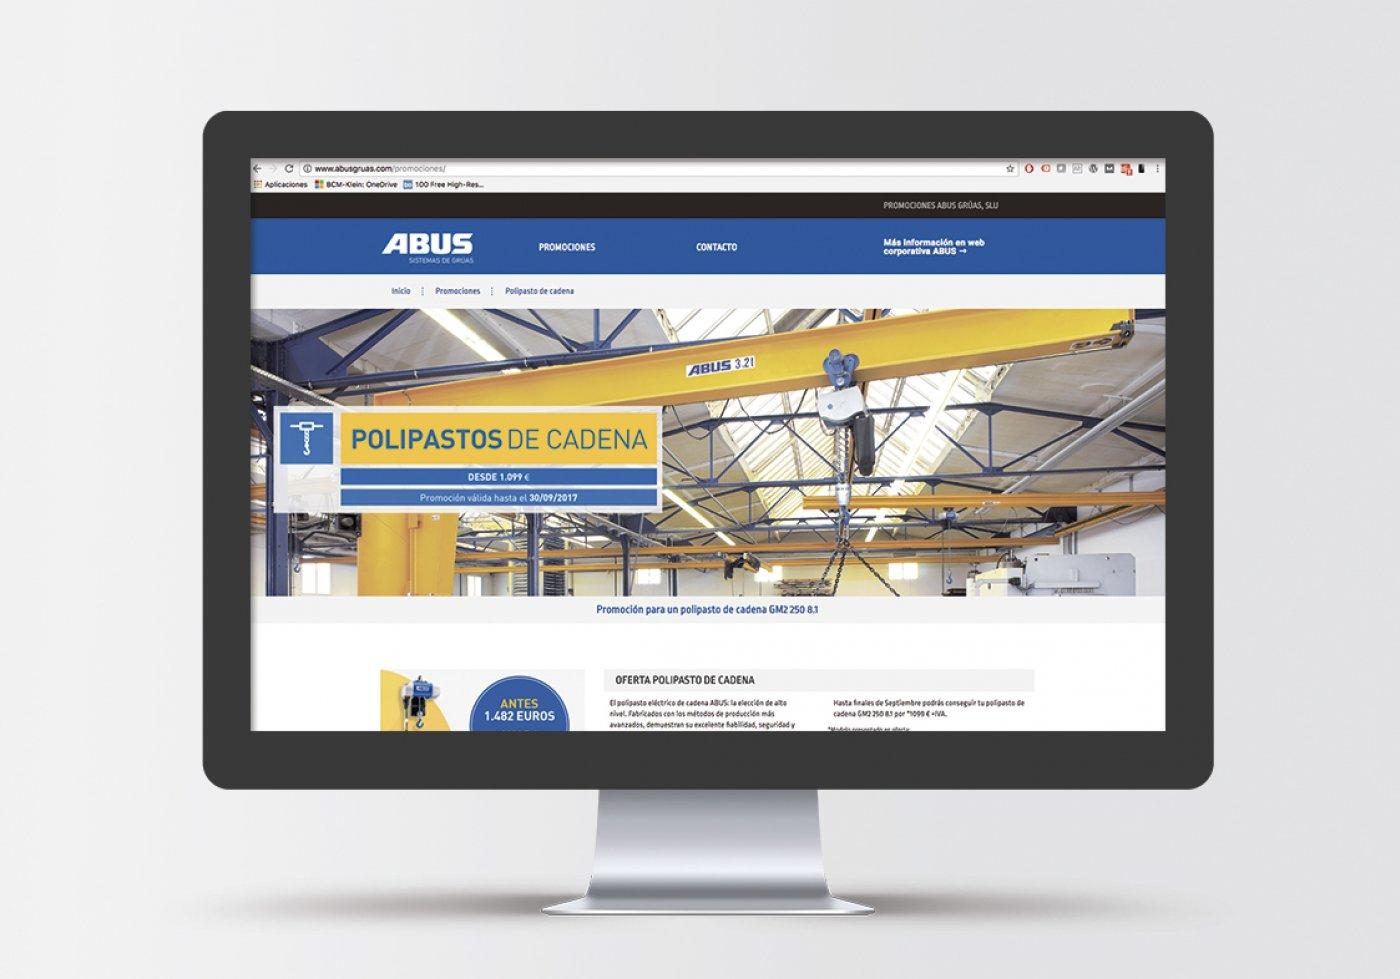 ABUS Cranes